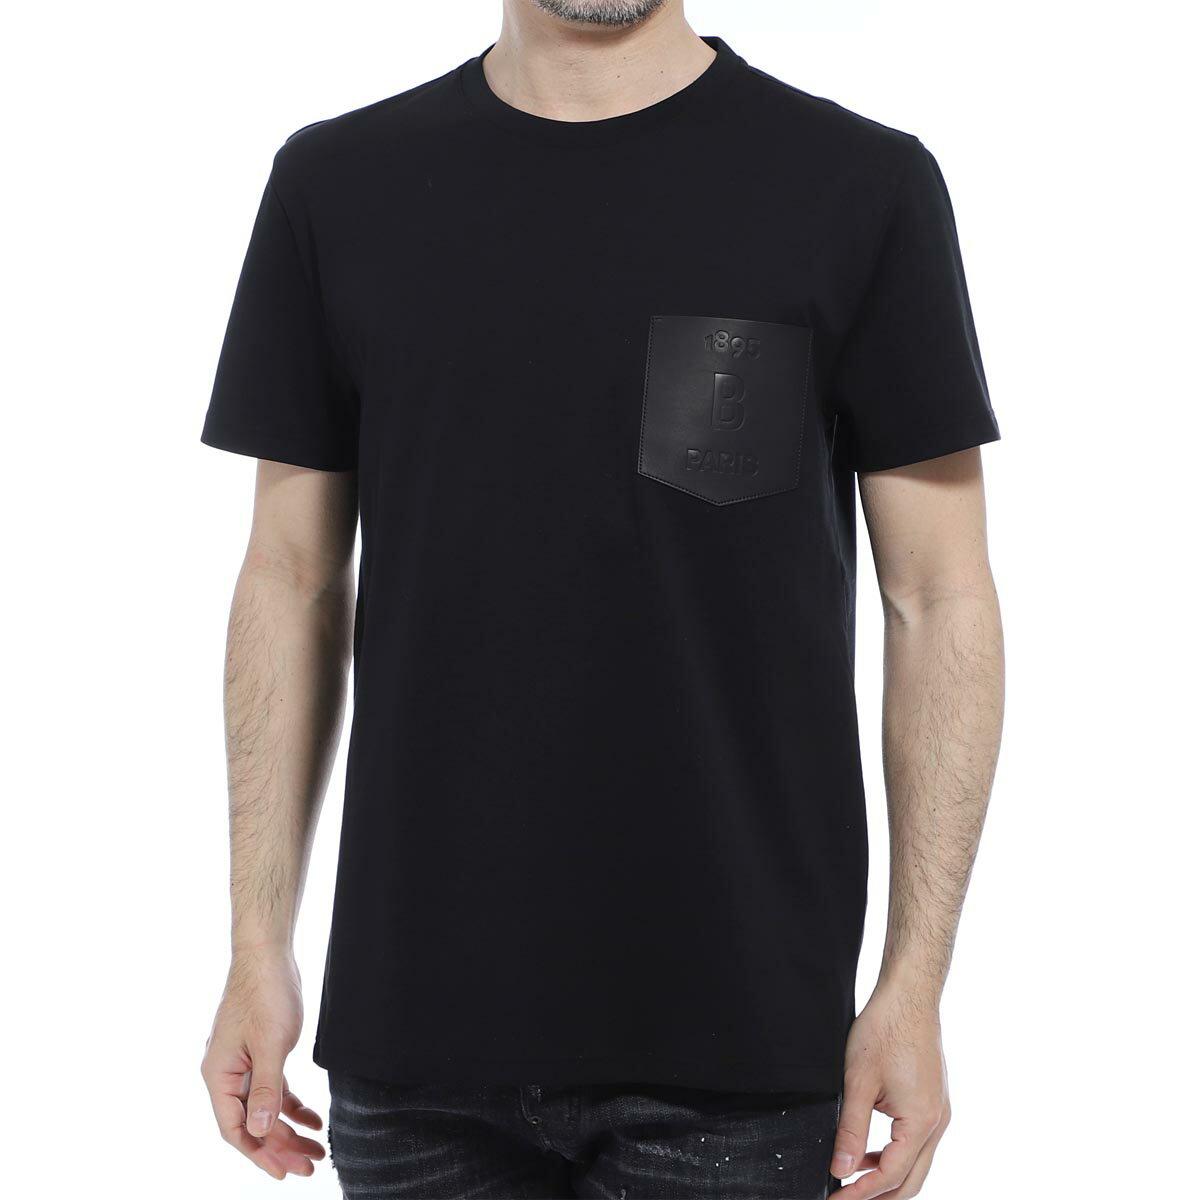 トップス, Tシャツ・カットソー  BERLUTI T r17jrs32 002 900